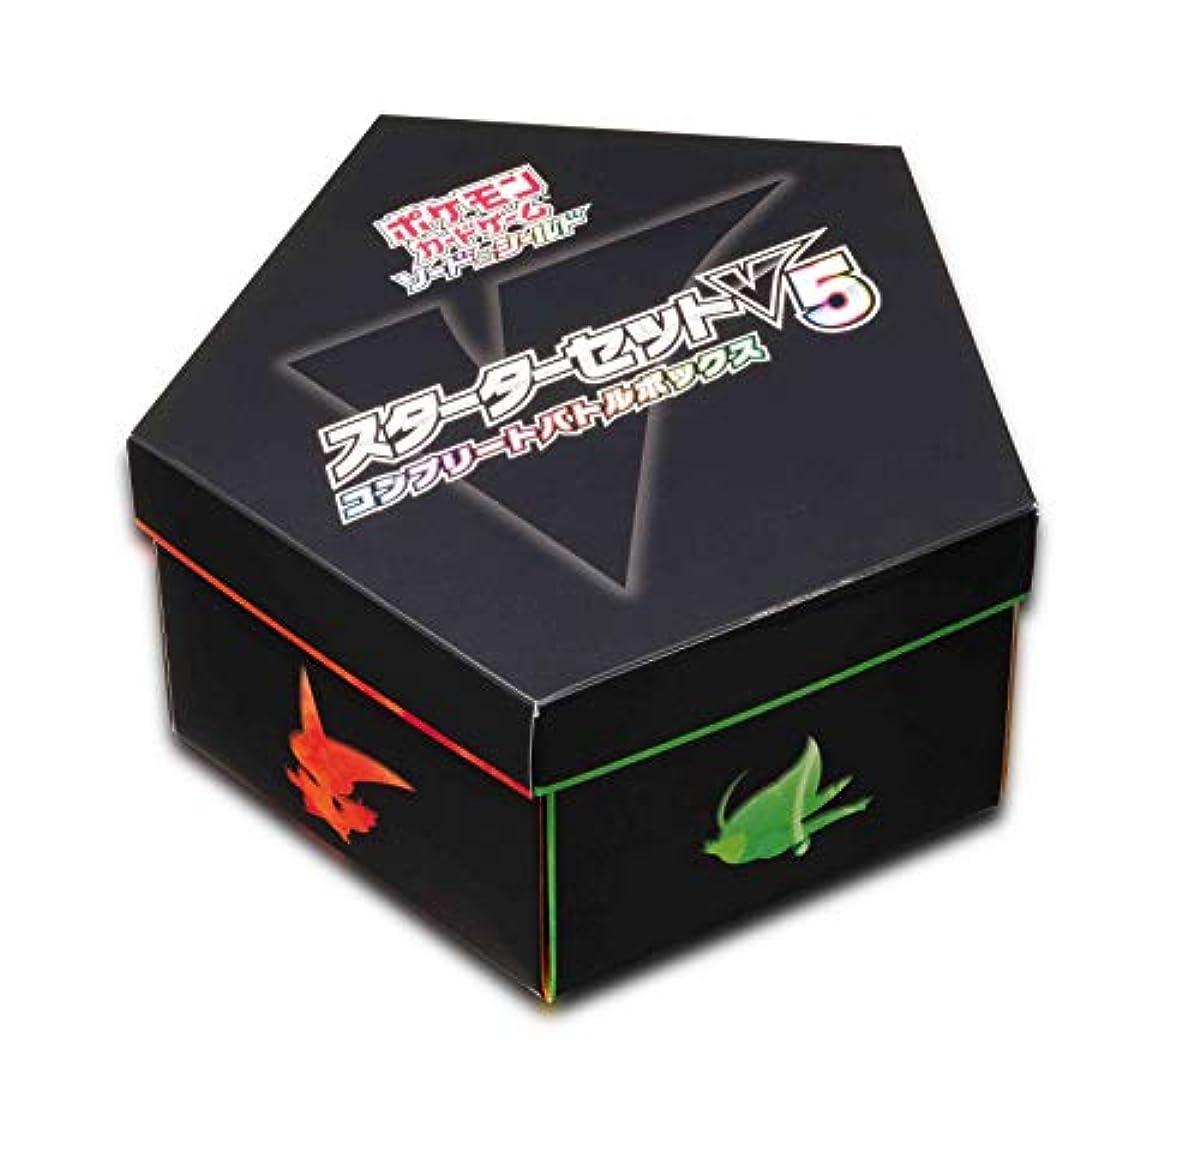 [해외] 포켓몬 카드 게임 소드&쉴드 스타터 세트V5 컴플리트 배틀 세트